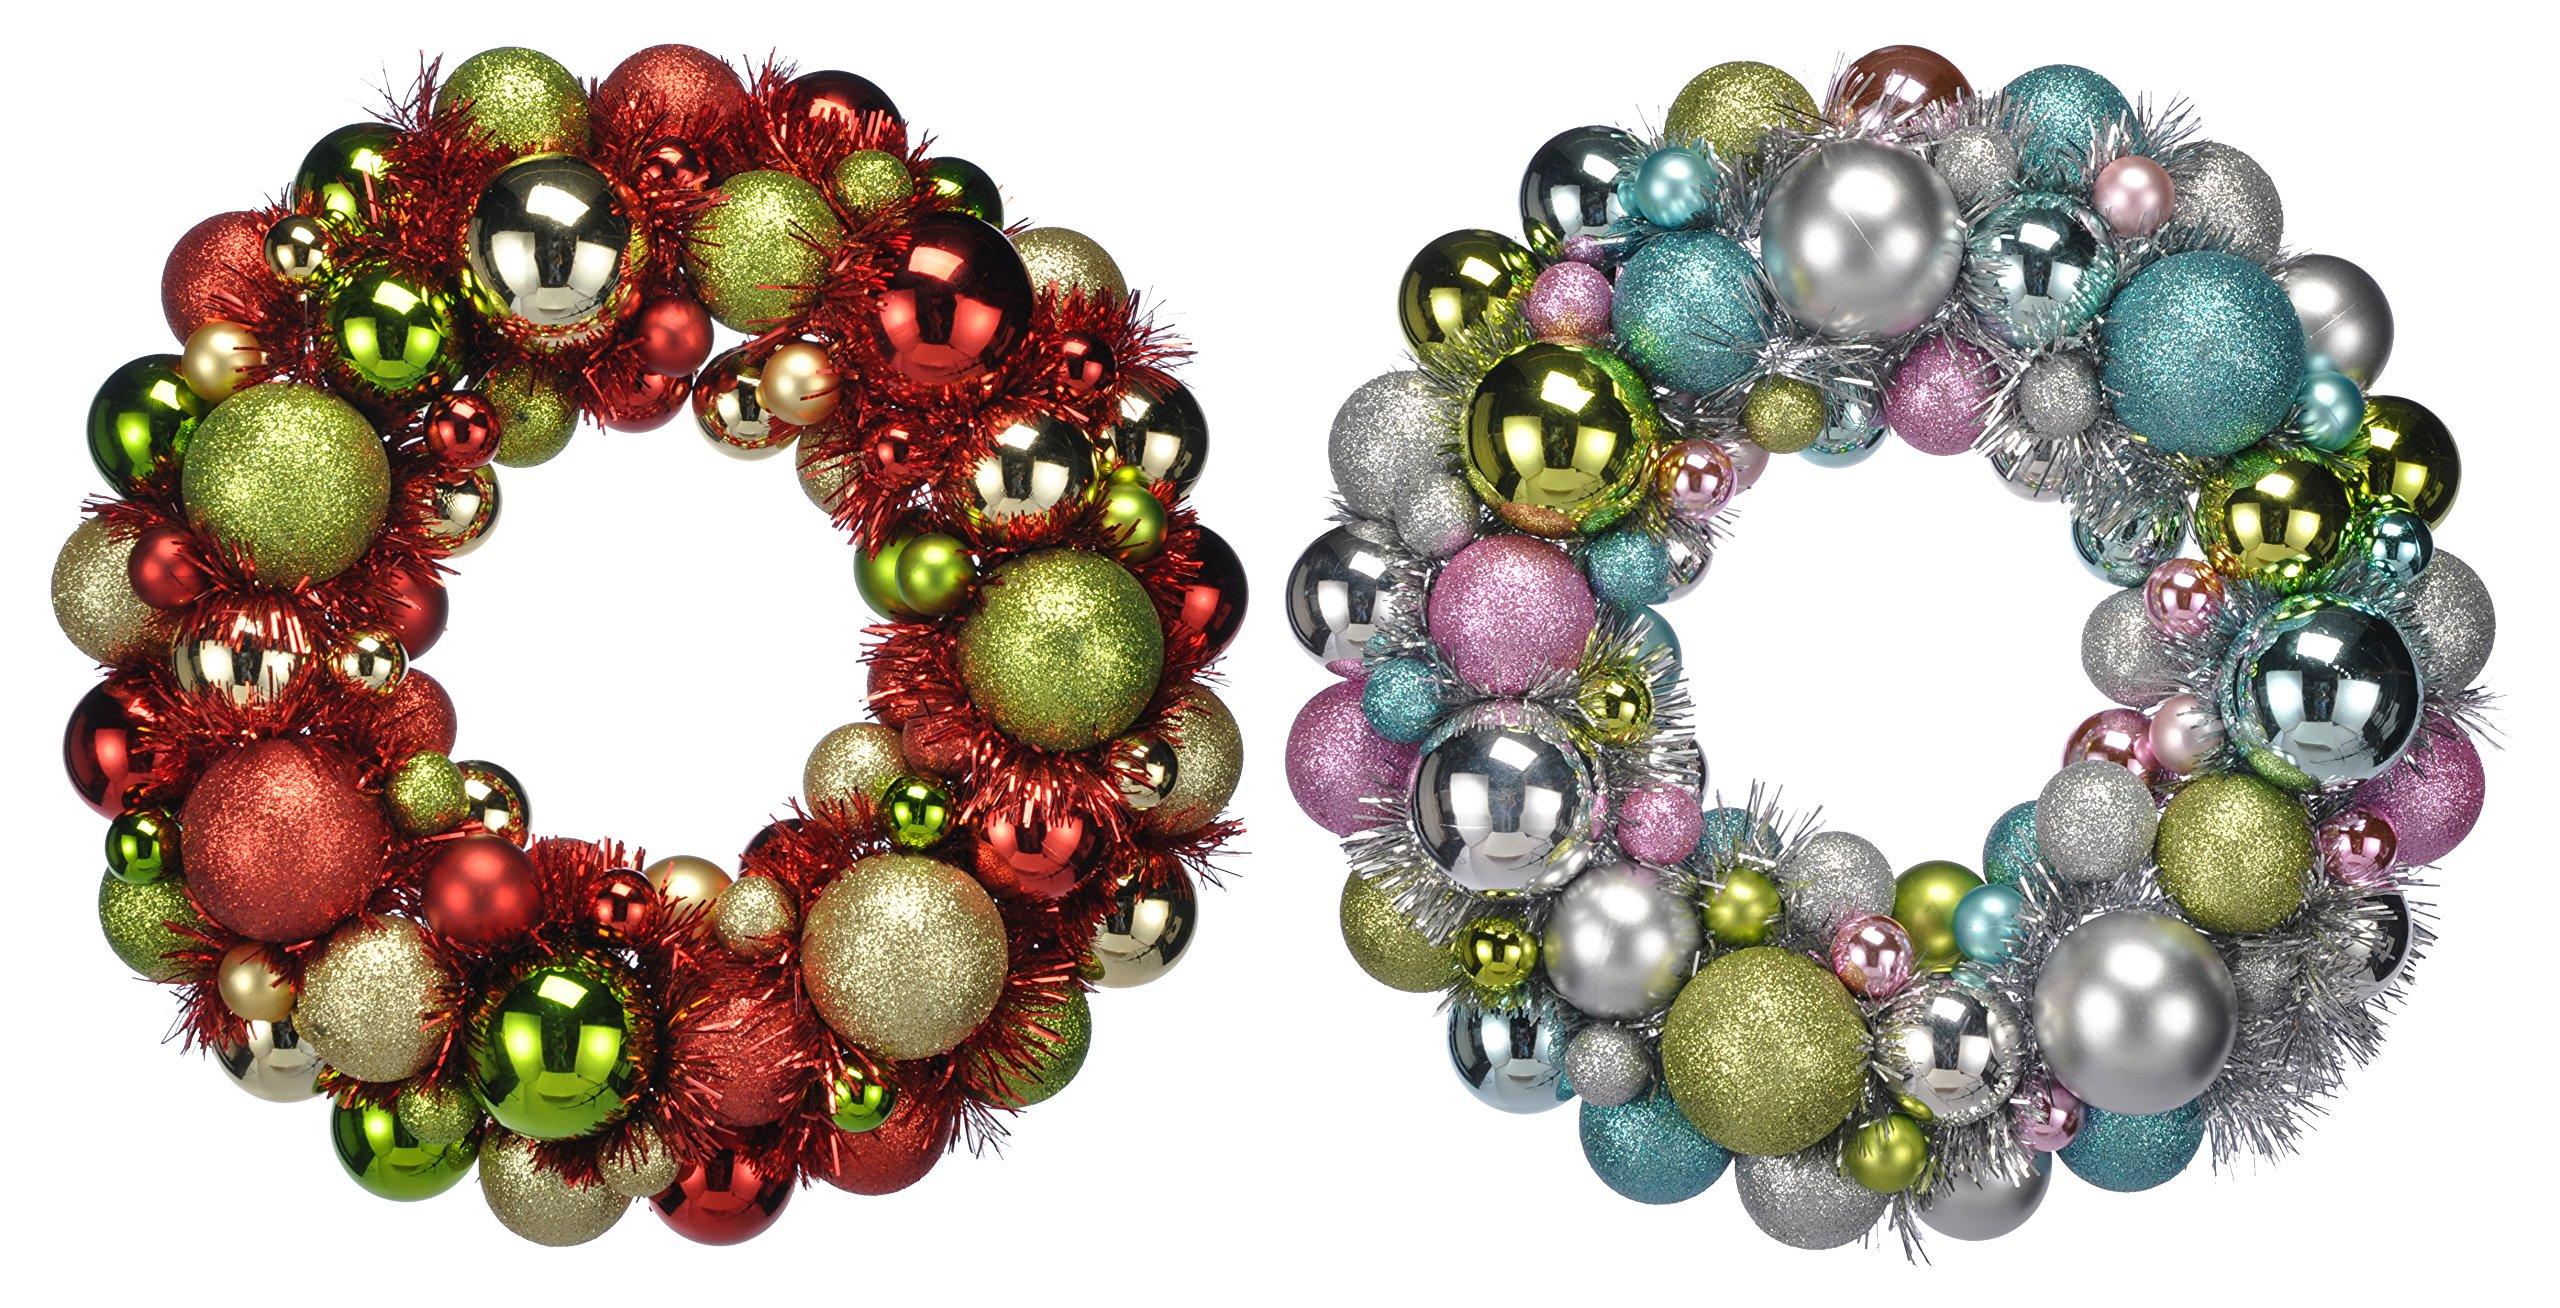 Meinposten-Kugelkranz-Trkranz-30cm-bunt-Gold-Silber-Christbaumkugeln-Kranz-Weihnachtskranz